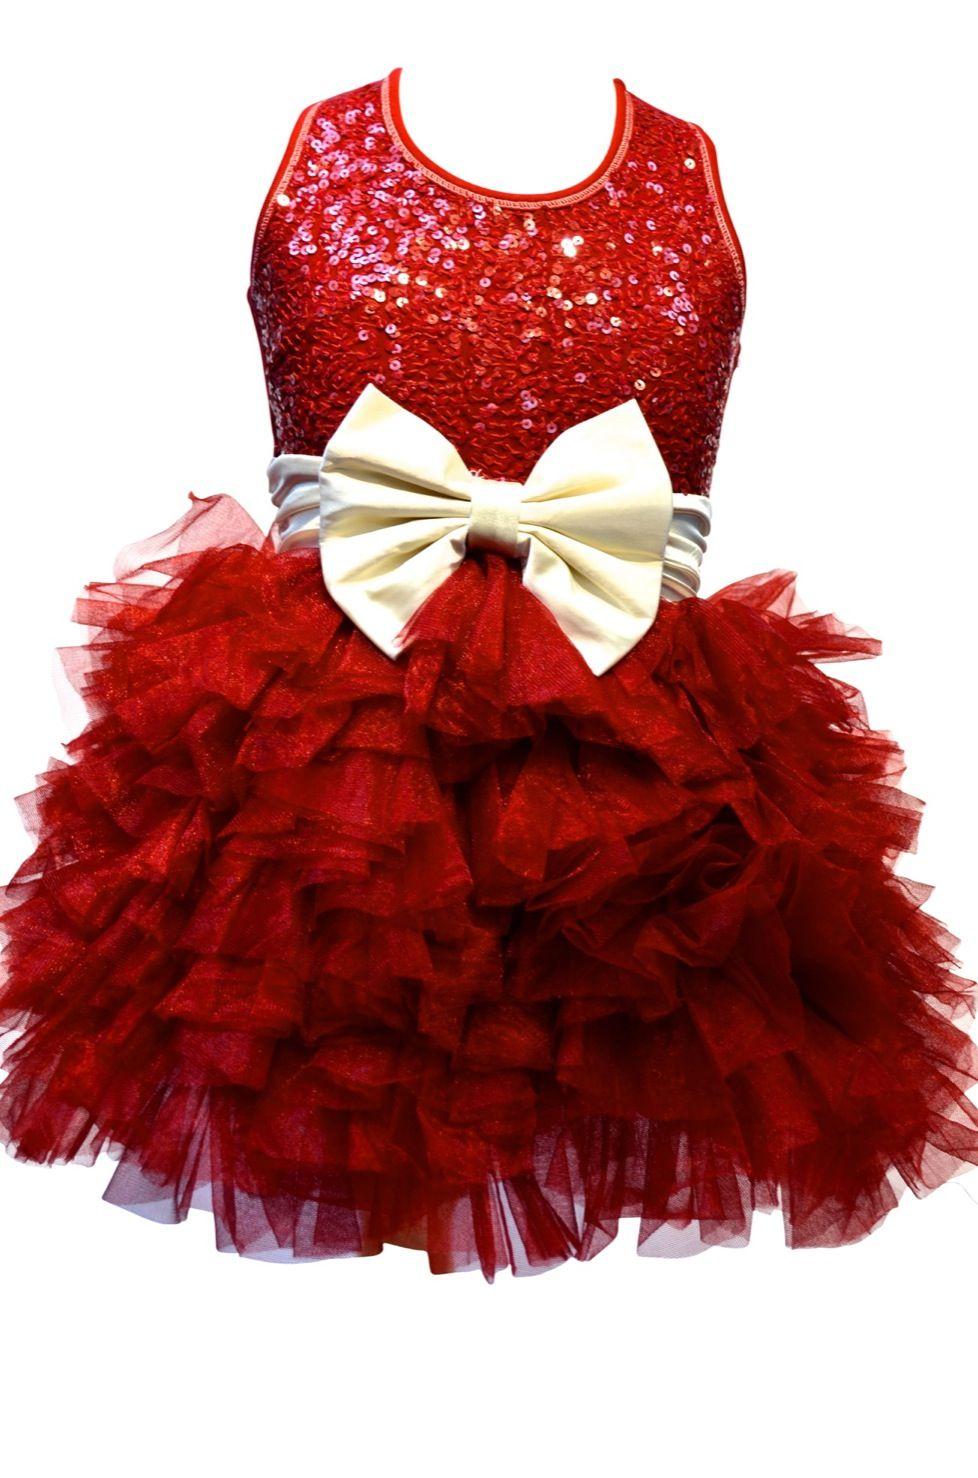 beauty_chic fashionholidaychristmas Girls christmas